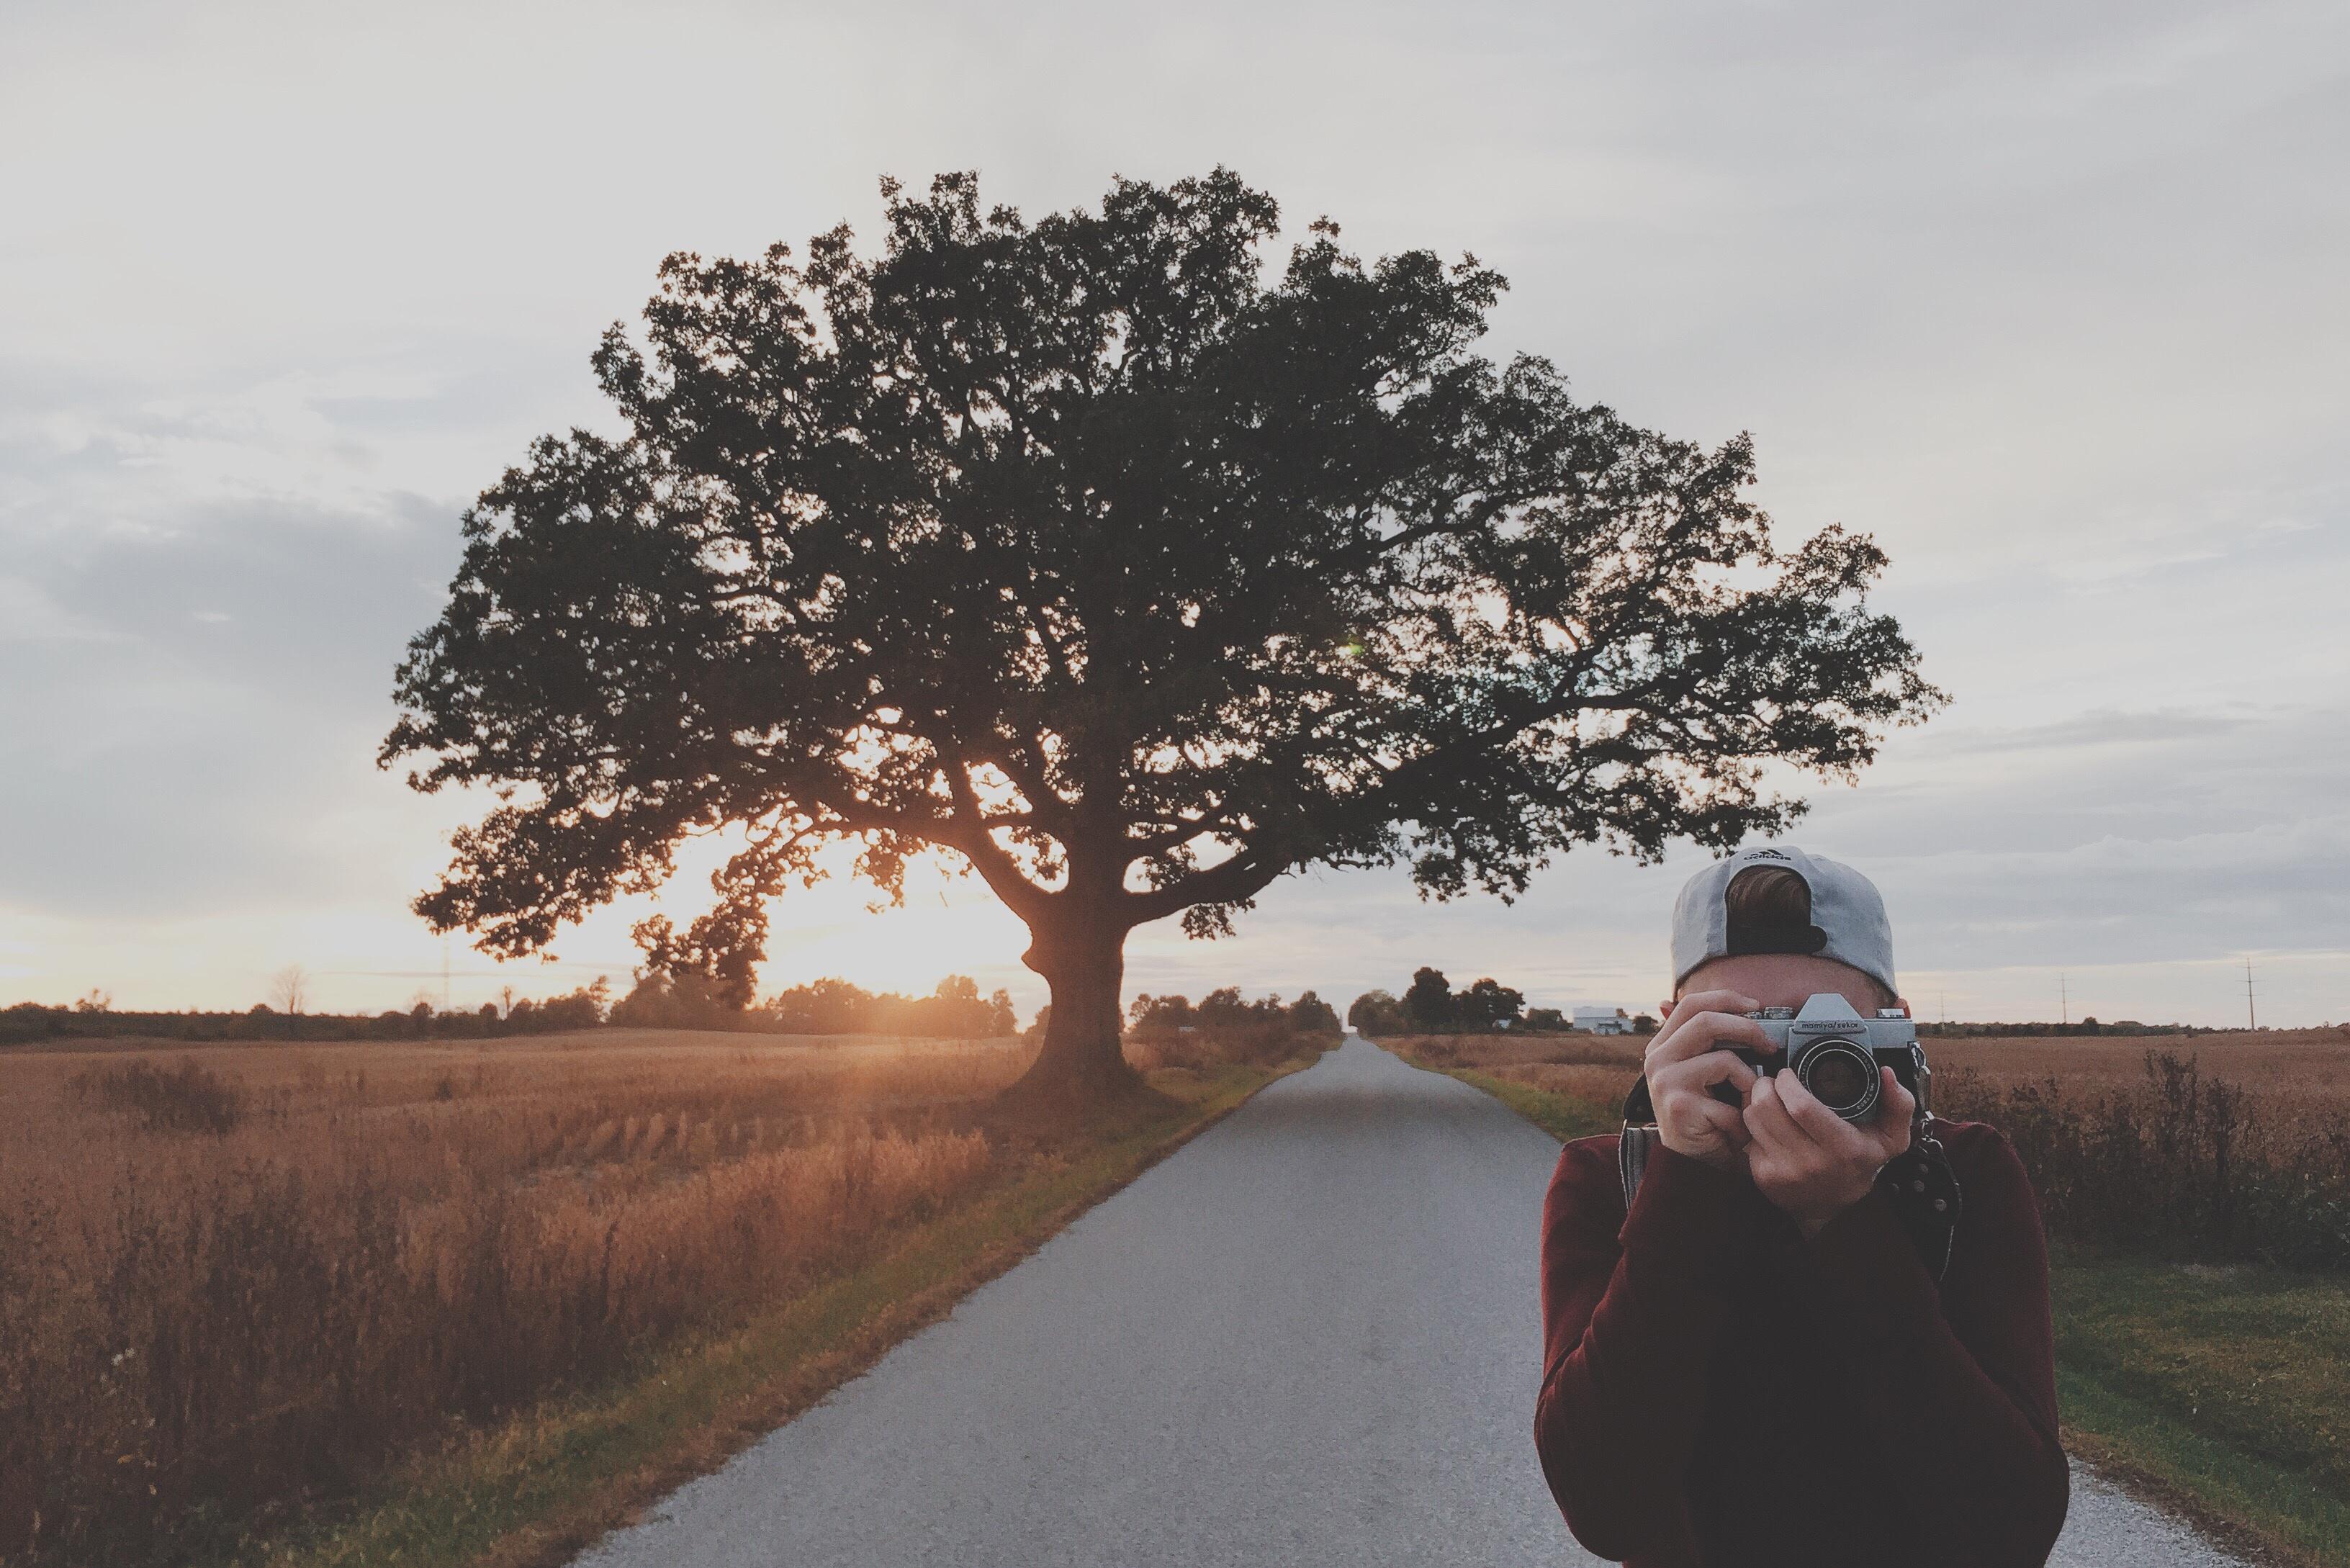 less camera gear